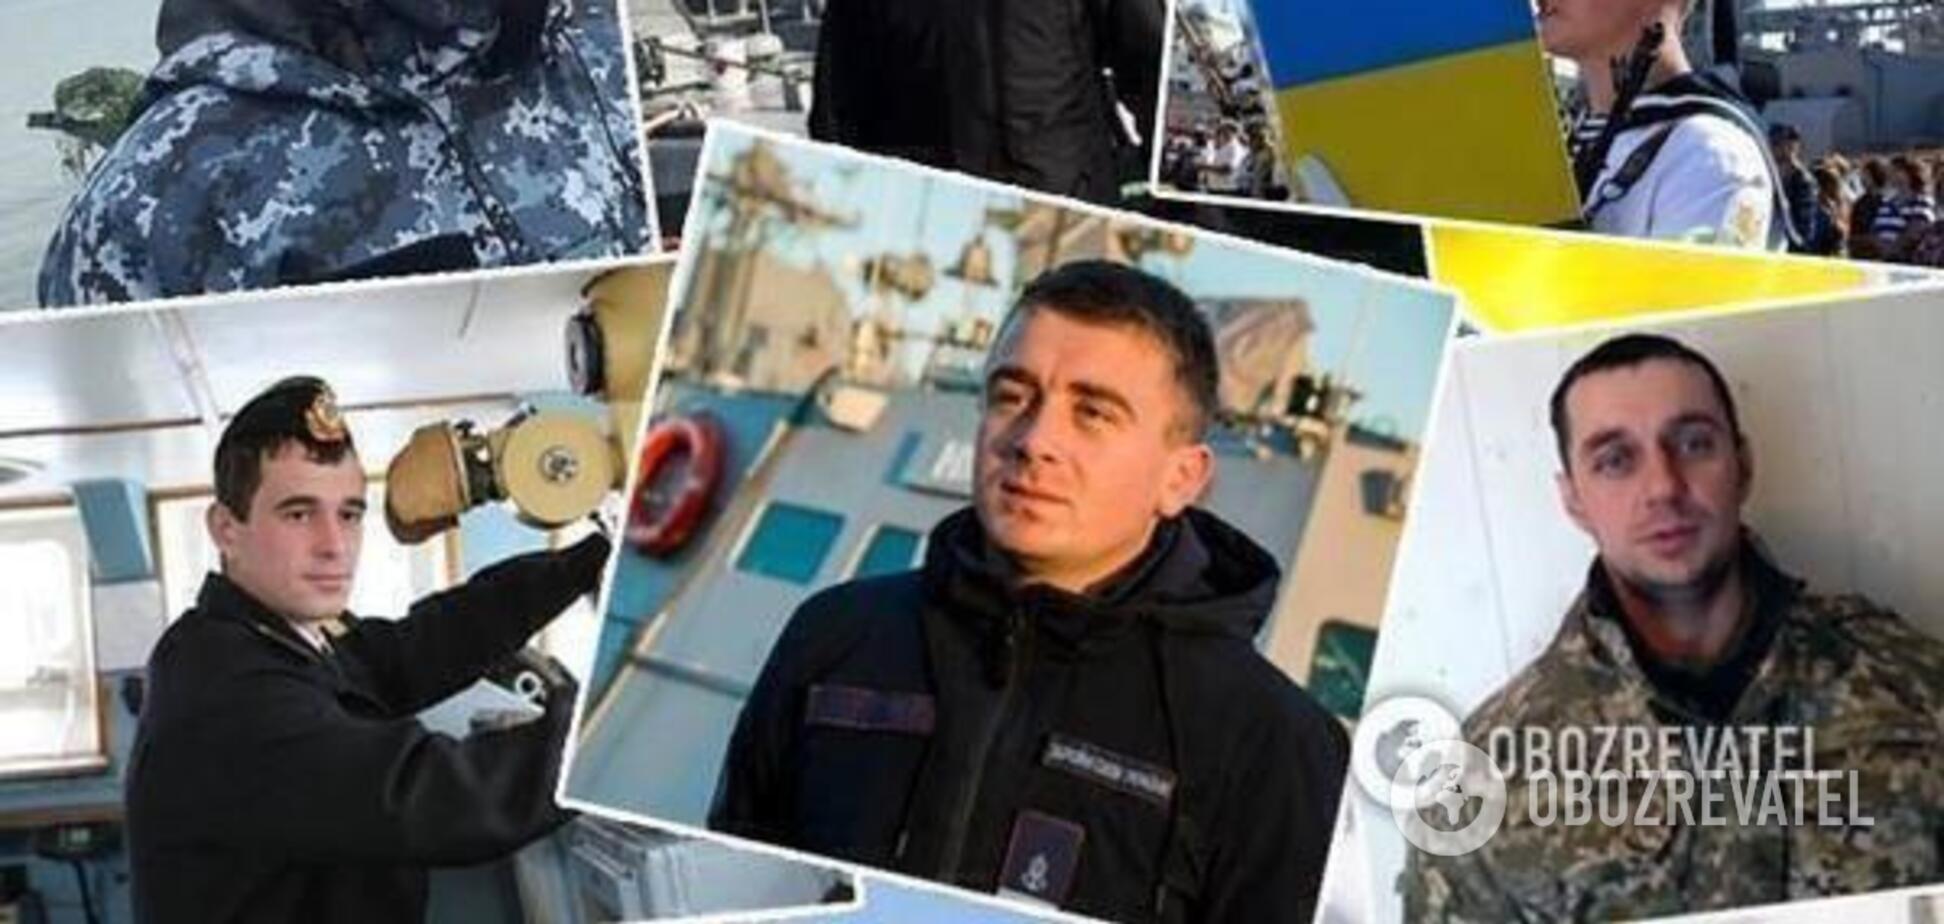 Моряки уже в Киеве? Появились первые детали обмена пленными